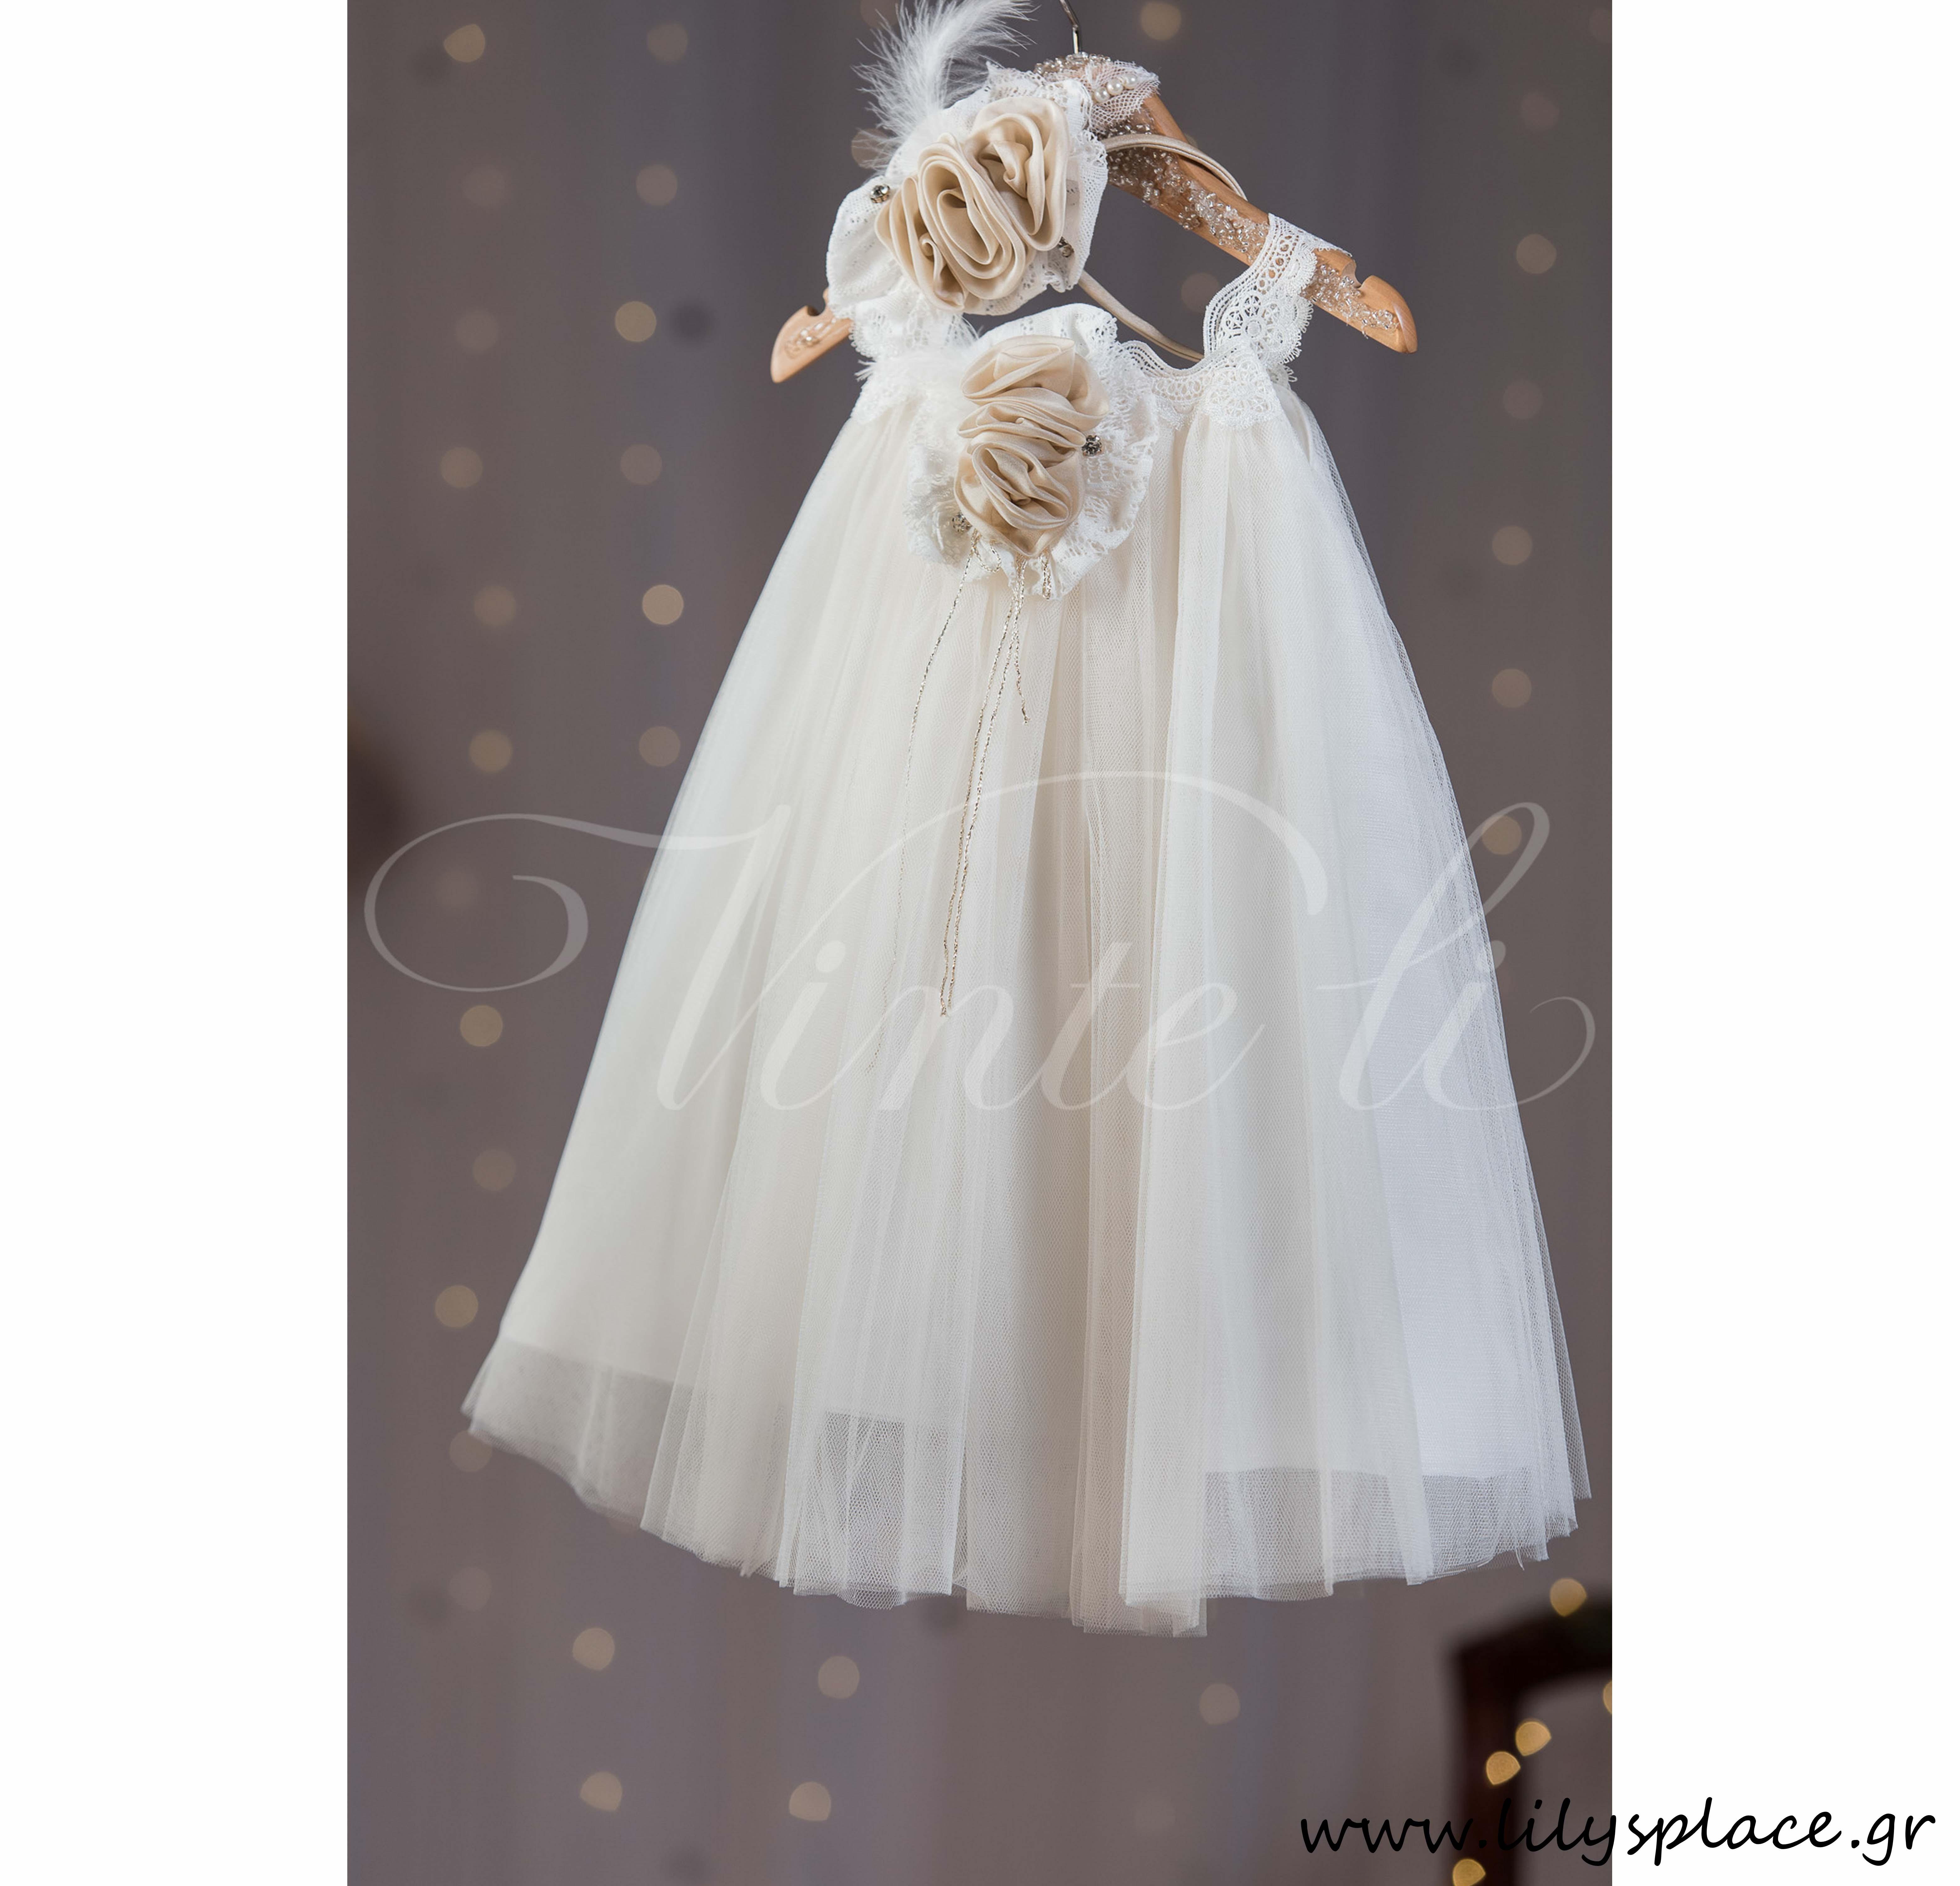 Φόρεμα βάπτισης με δαντέλα εκρού